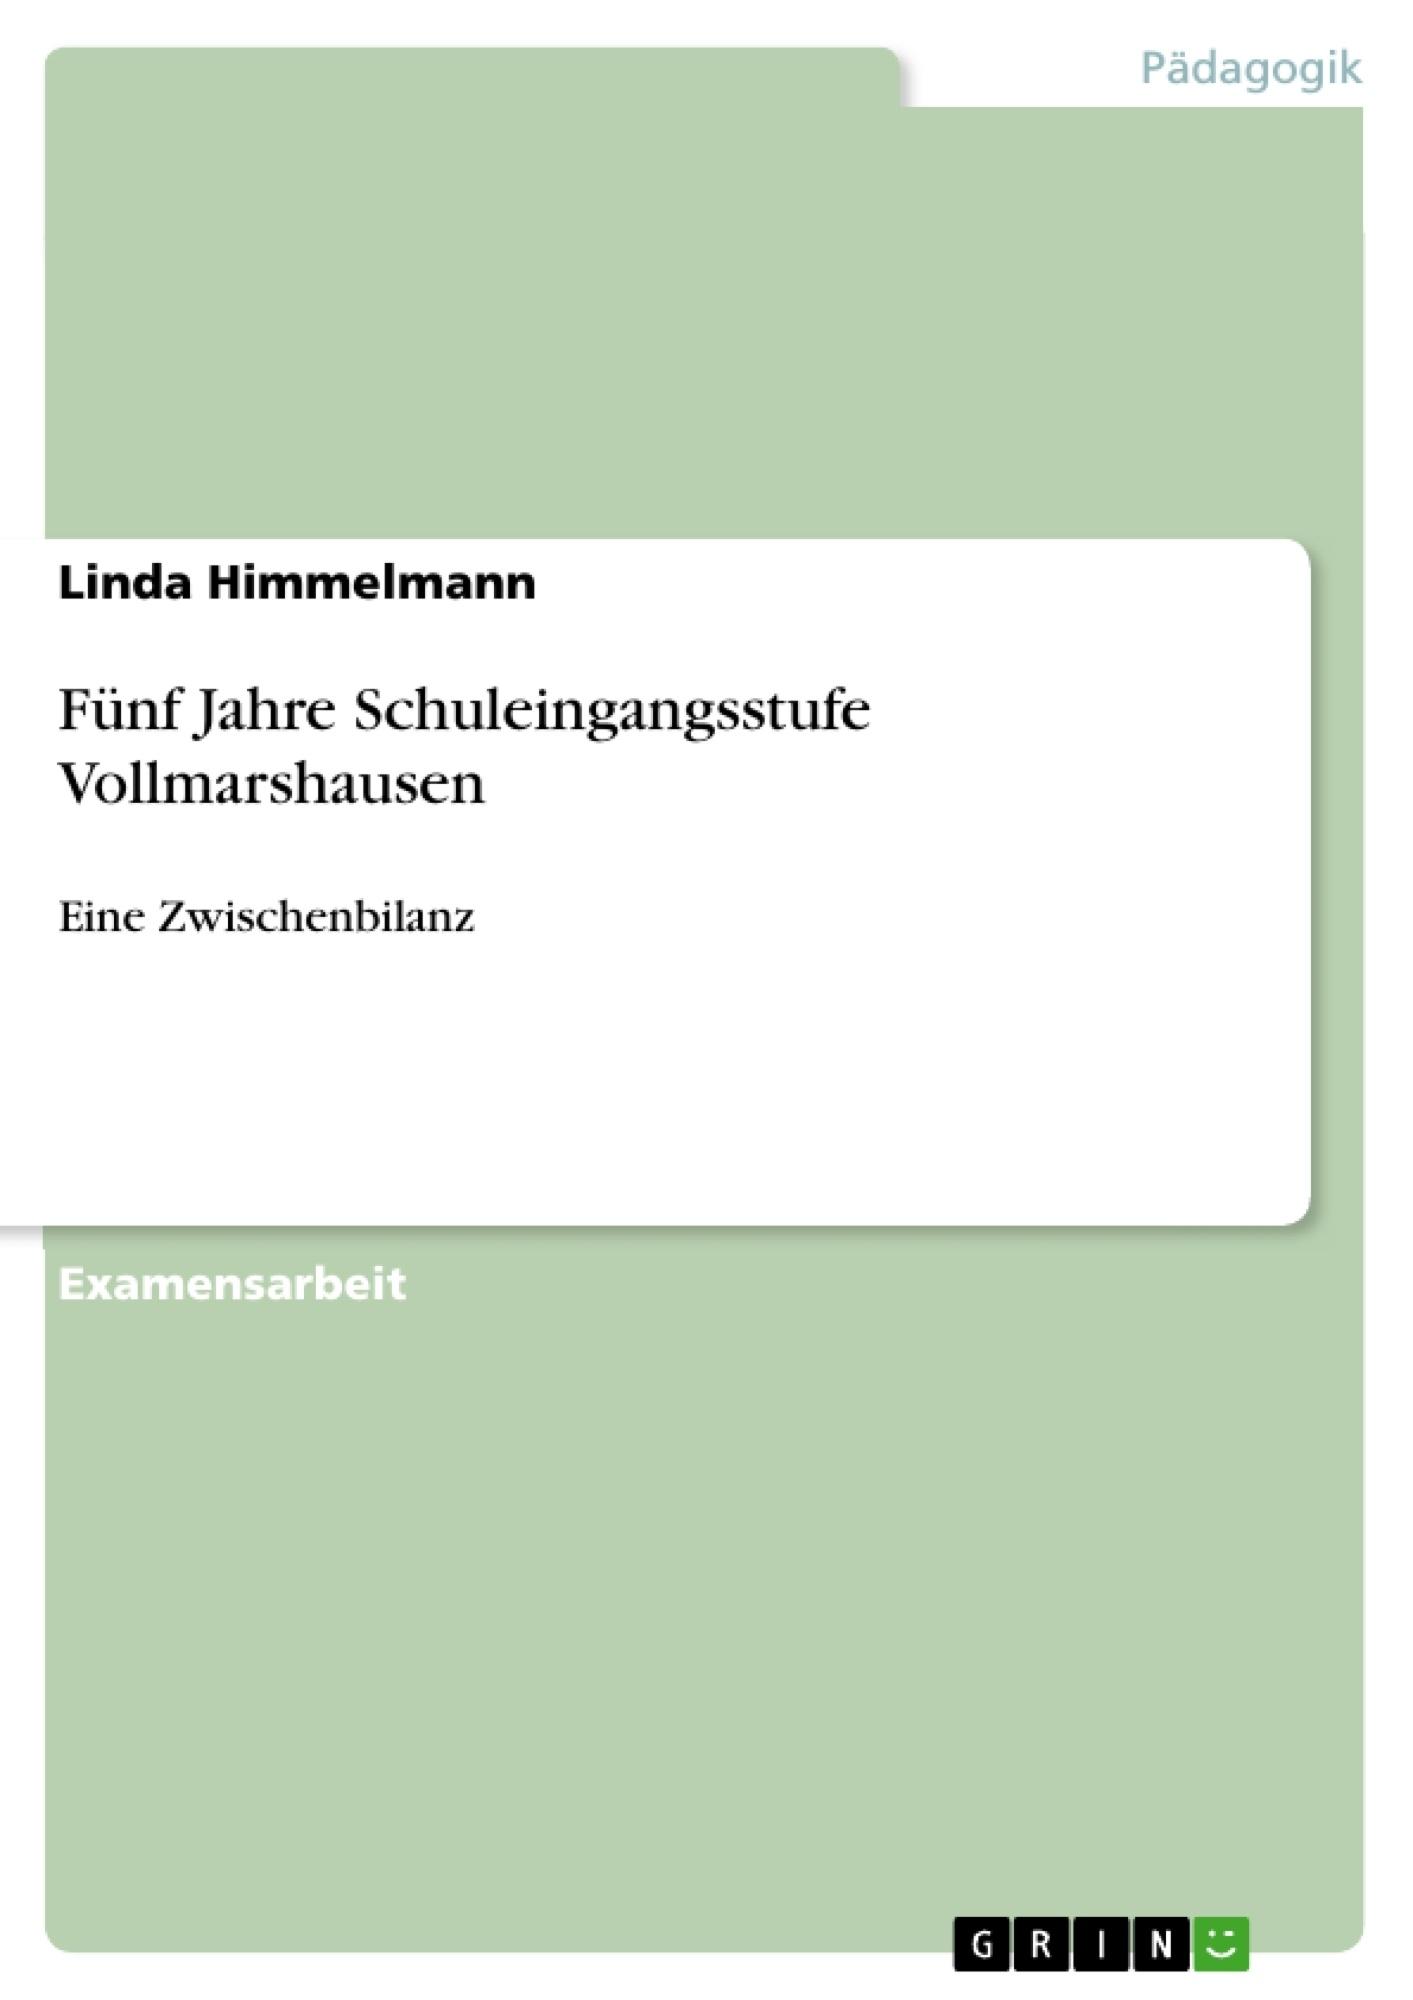 Titel: Fünf Jahre Schuleingangsstufe Vollmarshausen